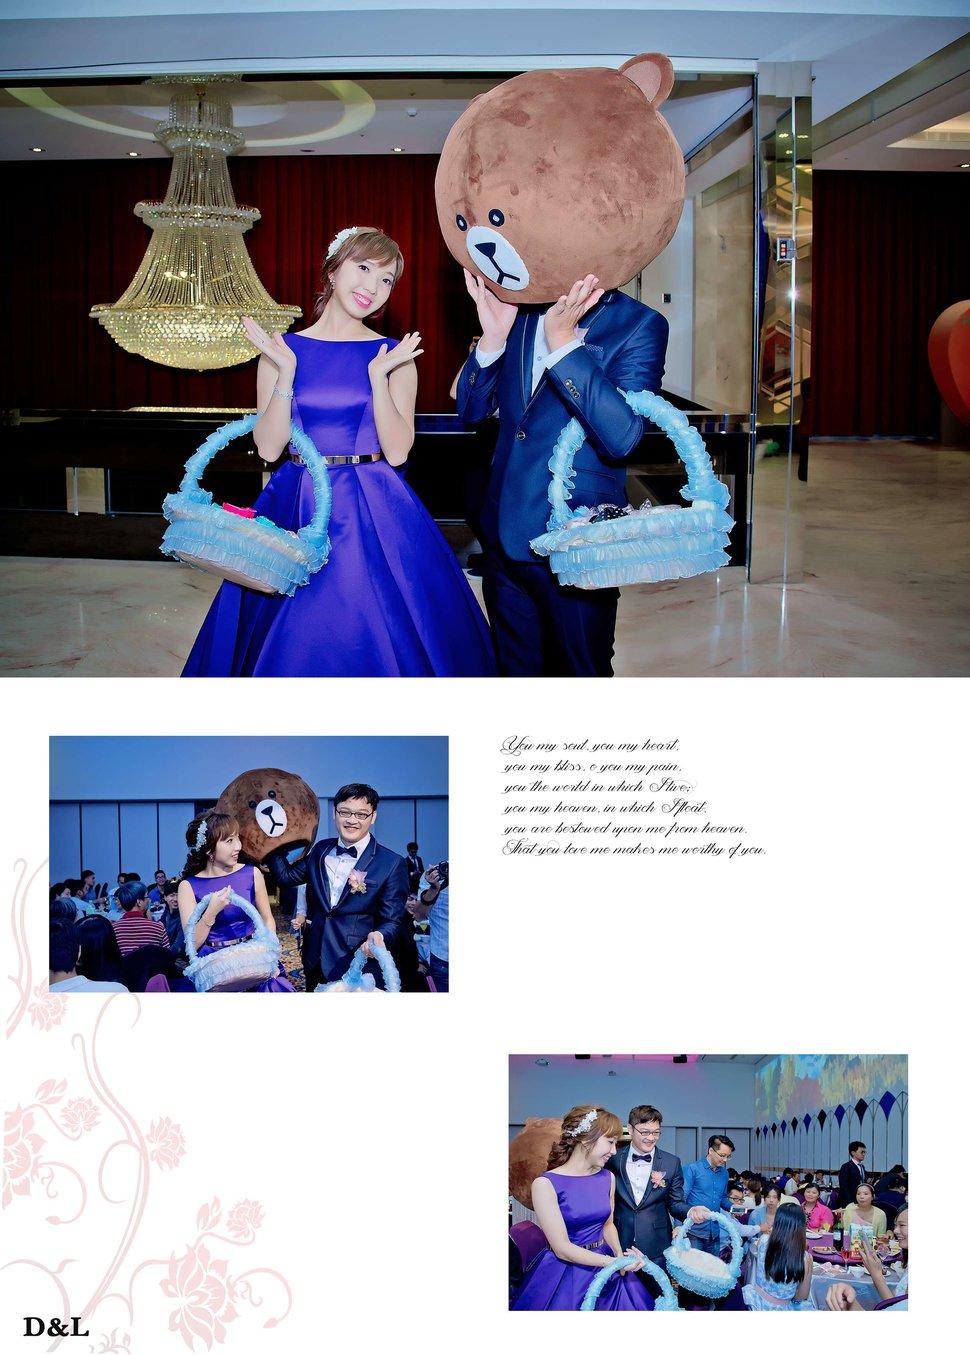 台中婚攝 婚禮紀錄 訂結晚宴 臻愛婚宴會館豐原-平面攝影(編號:300046) - D&L 婚禮事務-婚紗攝影/婚禮攝影 - 結婚吧